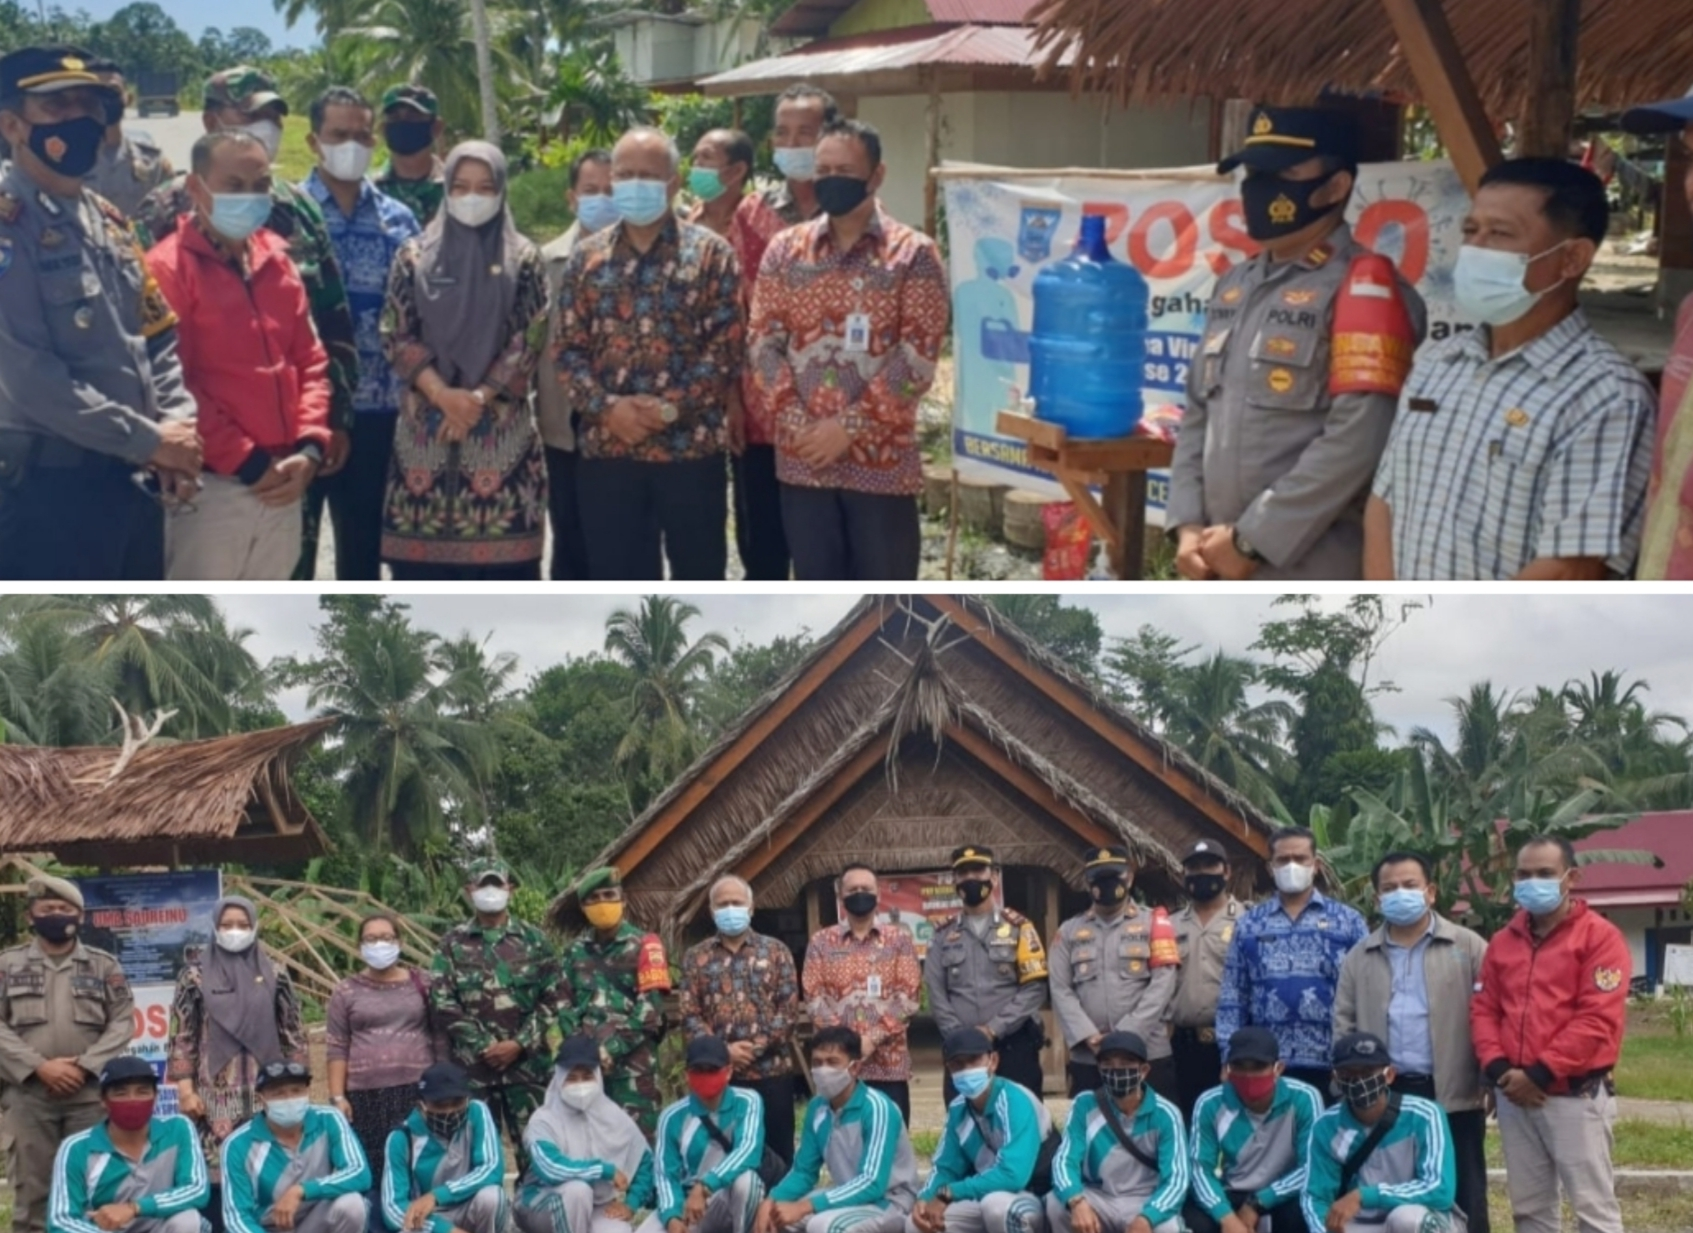 Balai Pemerintahan Desa Lampung Tinjau PPKM dan Pelaksanaan Pilkades di Mentawai